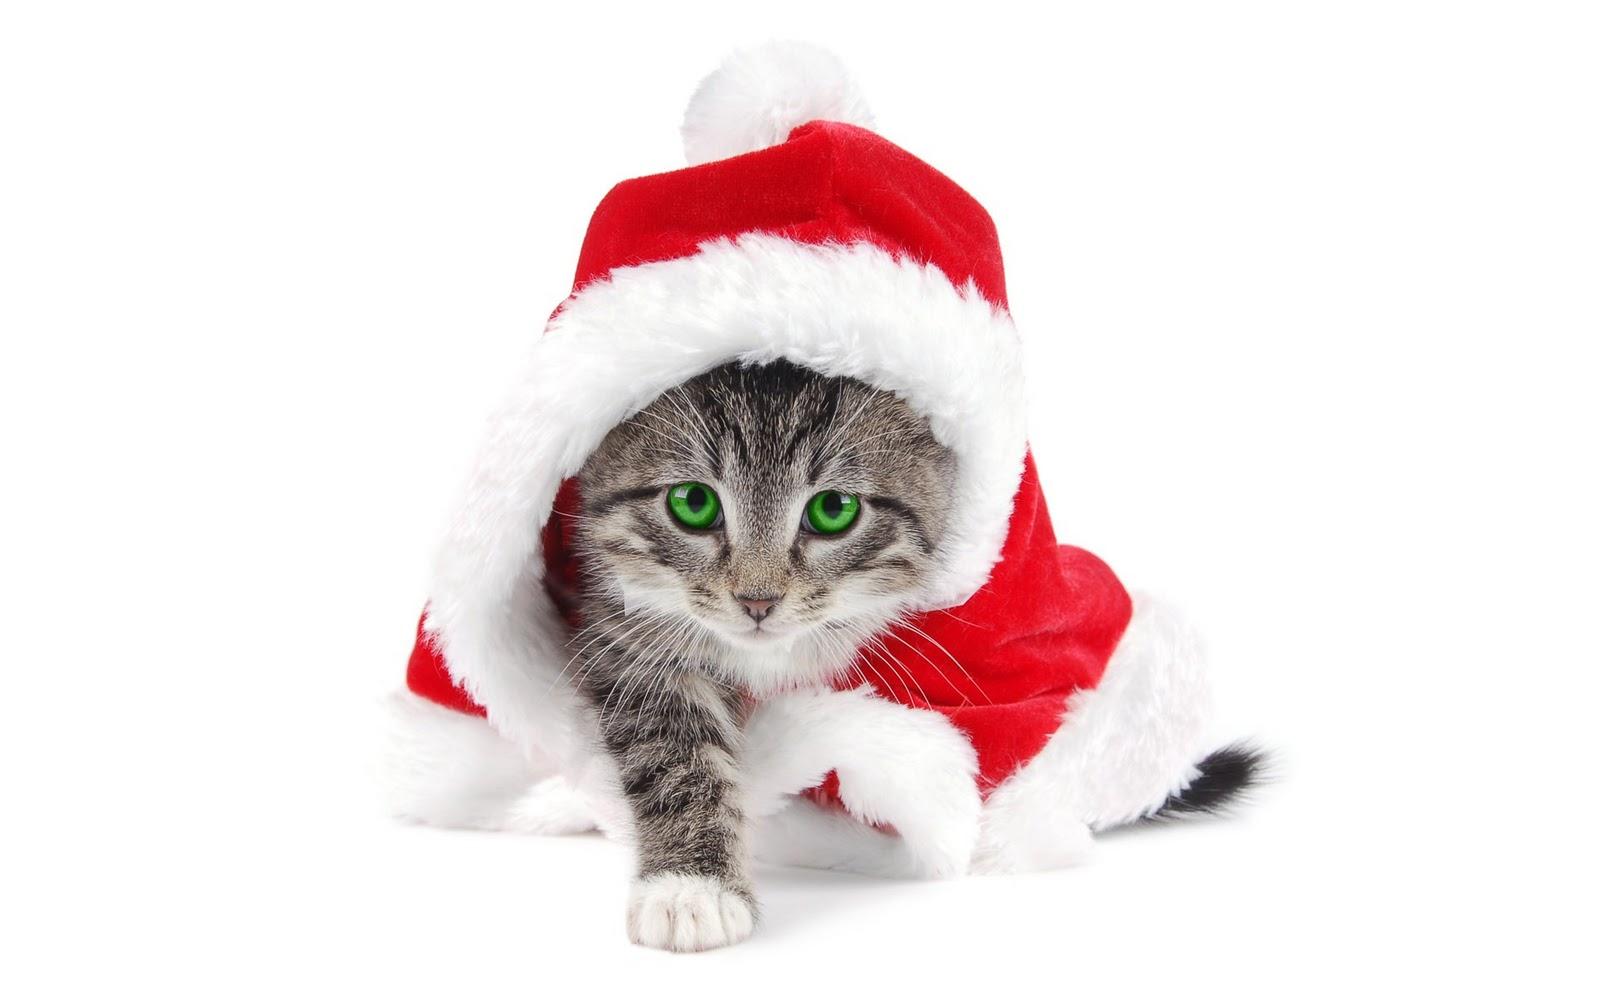 http://2.bp.blogspot.com/_oIGIE7A5twQ/TQx18AgLMEI/AAAAAAAAAc0/XduVDtue3Dw/s1600/14-Katten-achtergronden-katten-wallpapers-kat-in-een-kerstmuts-achtergrond.jpg